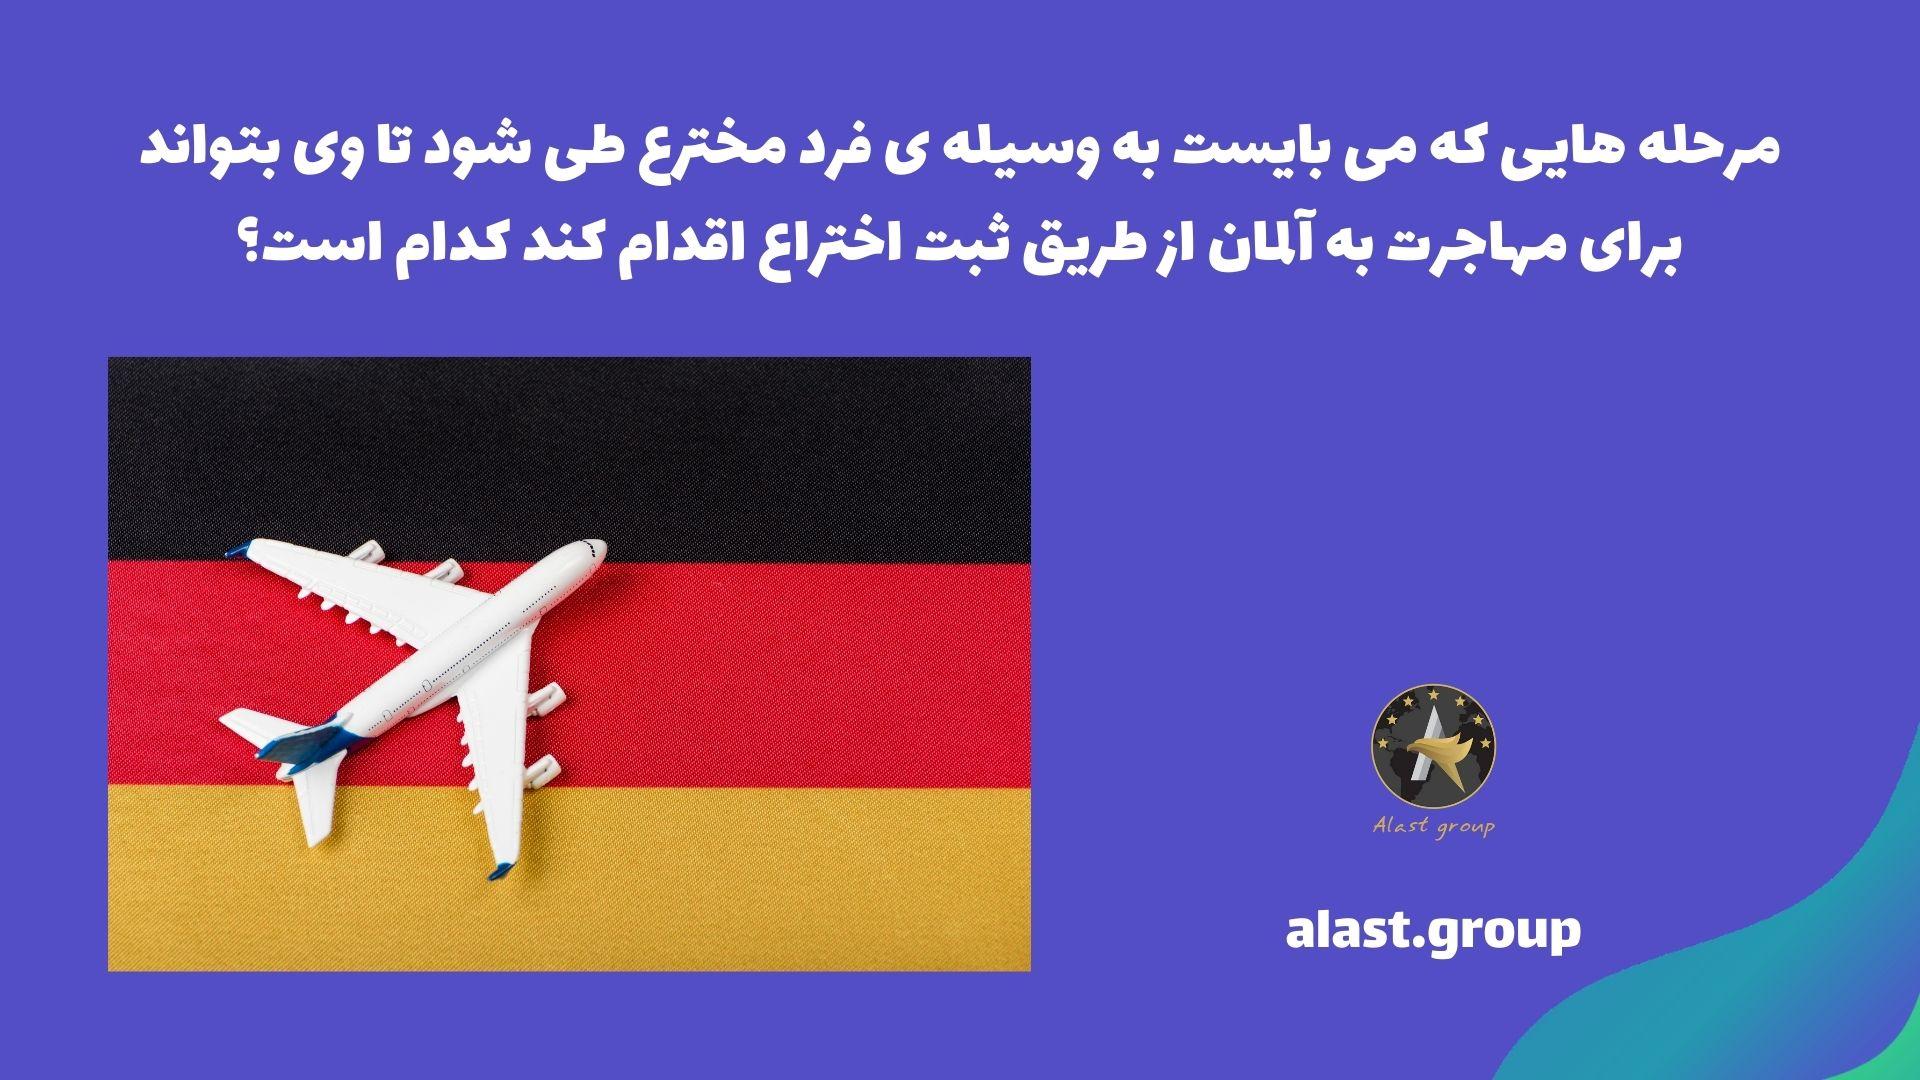 مرحله هایی که می بایست به وسیله ی فرد مخترع طی شود تا وی بتواند برای مهاجرت به آلمان از طریق ثبت اختراع اقدام کند، کدام است؟